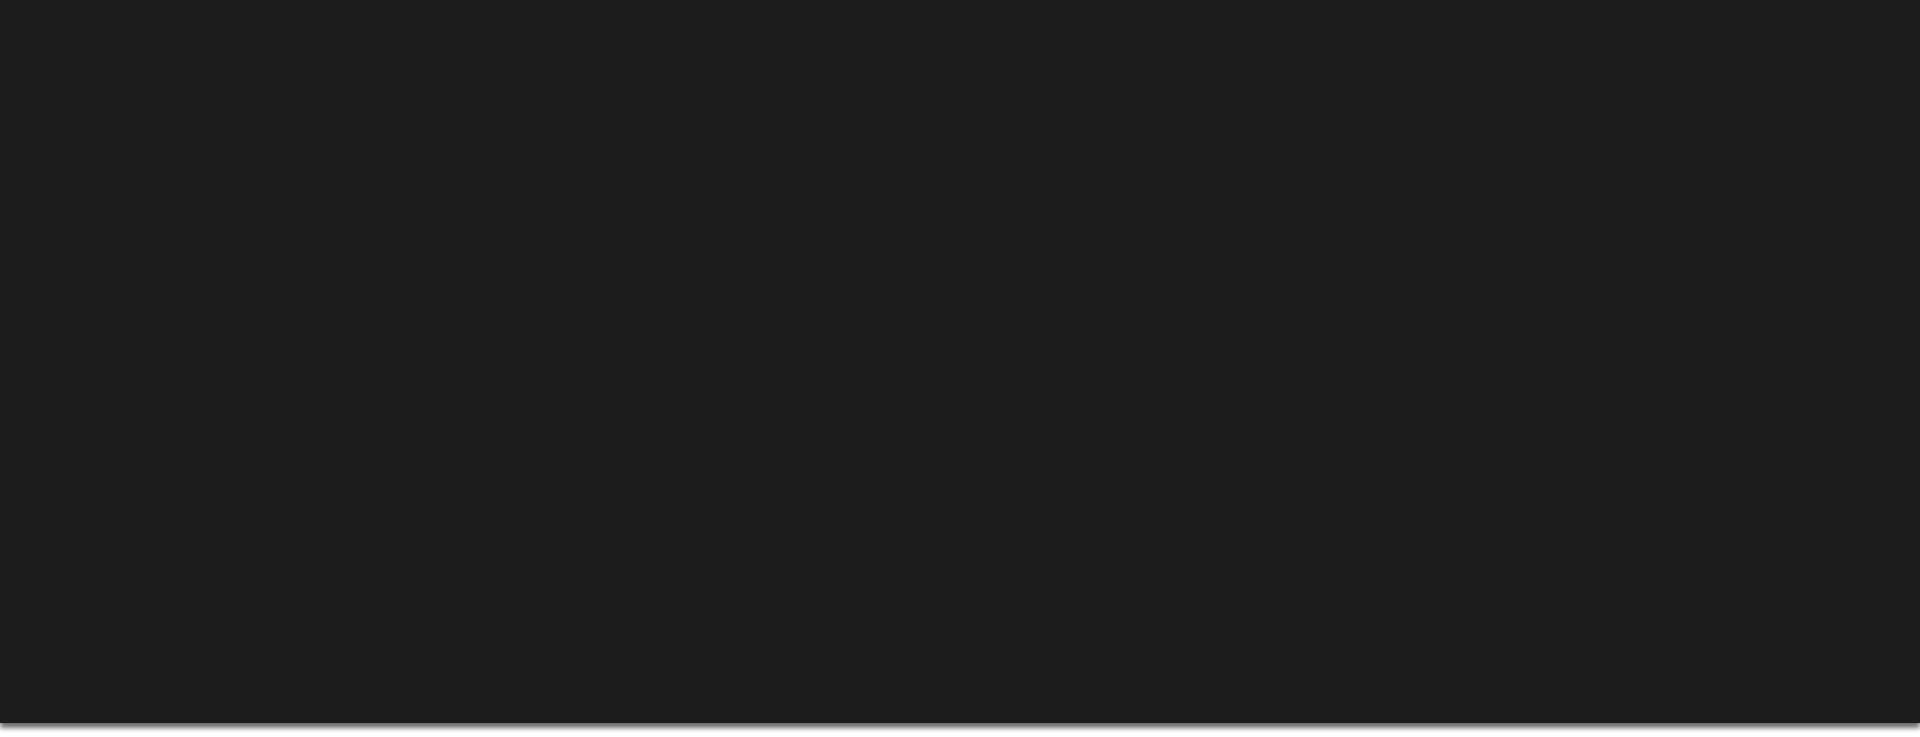 专业 专注 高效,值得信赖!提供四川开元电子娱乐网址绵阳德阳重庆开元元棋牌服务